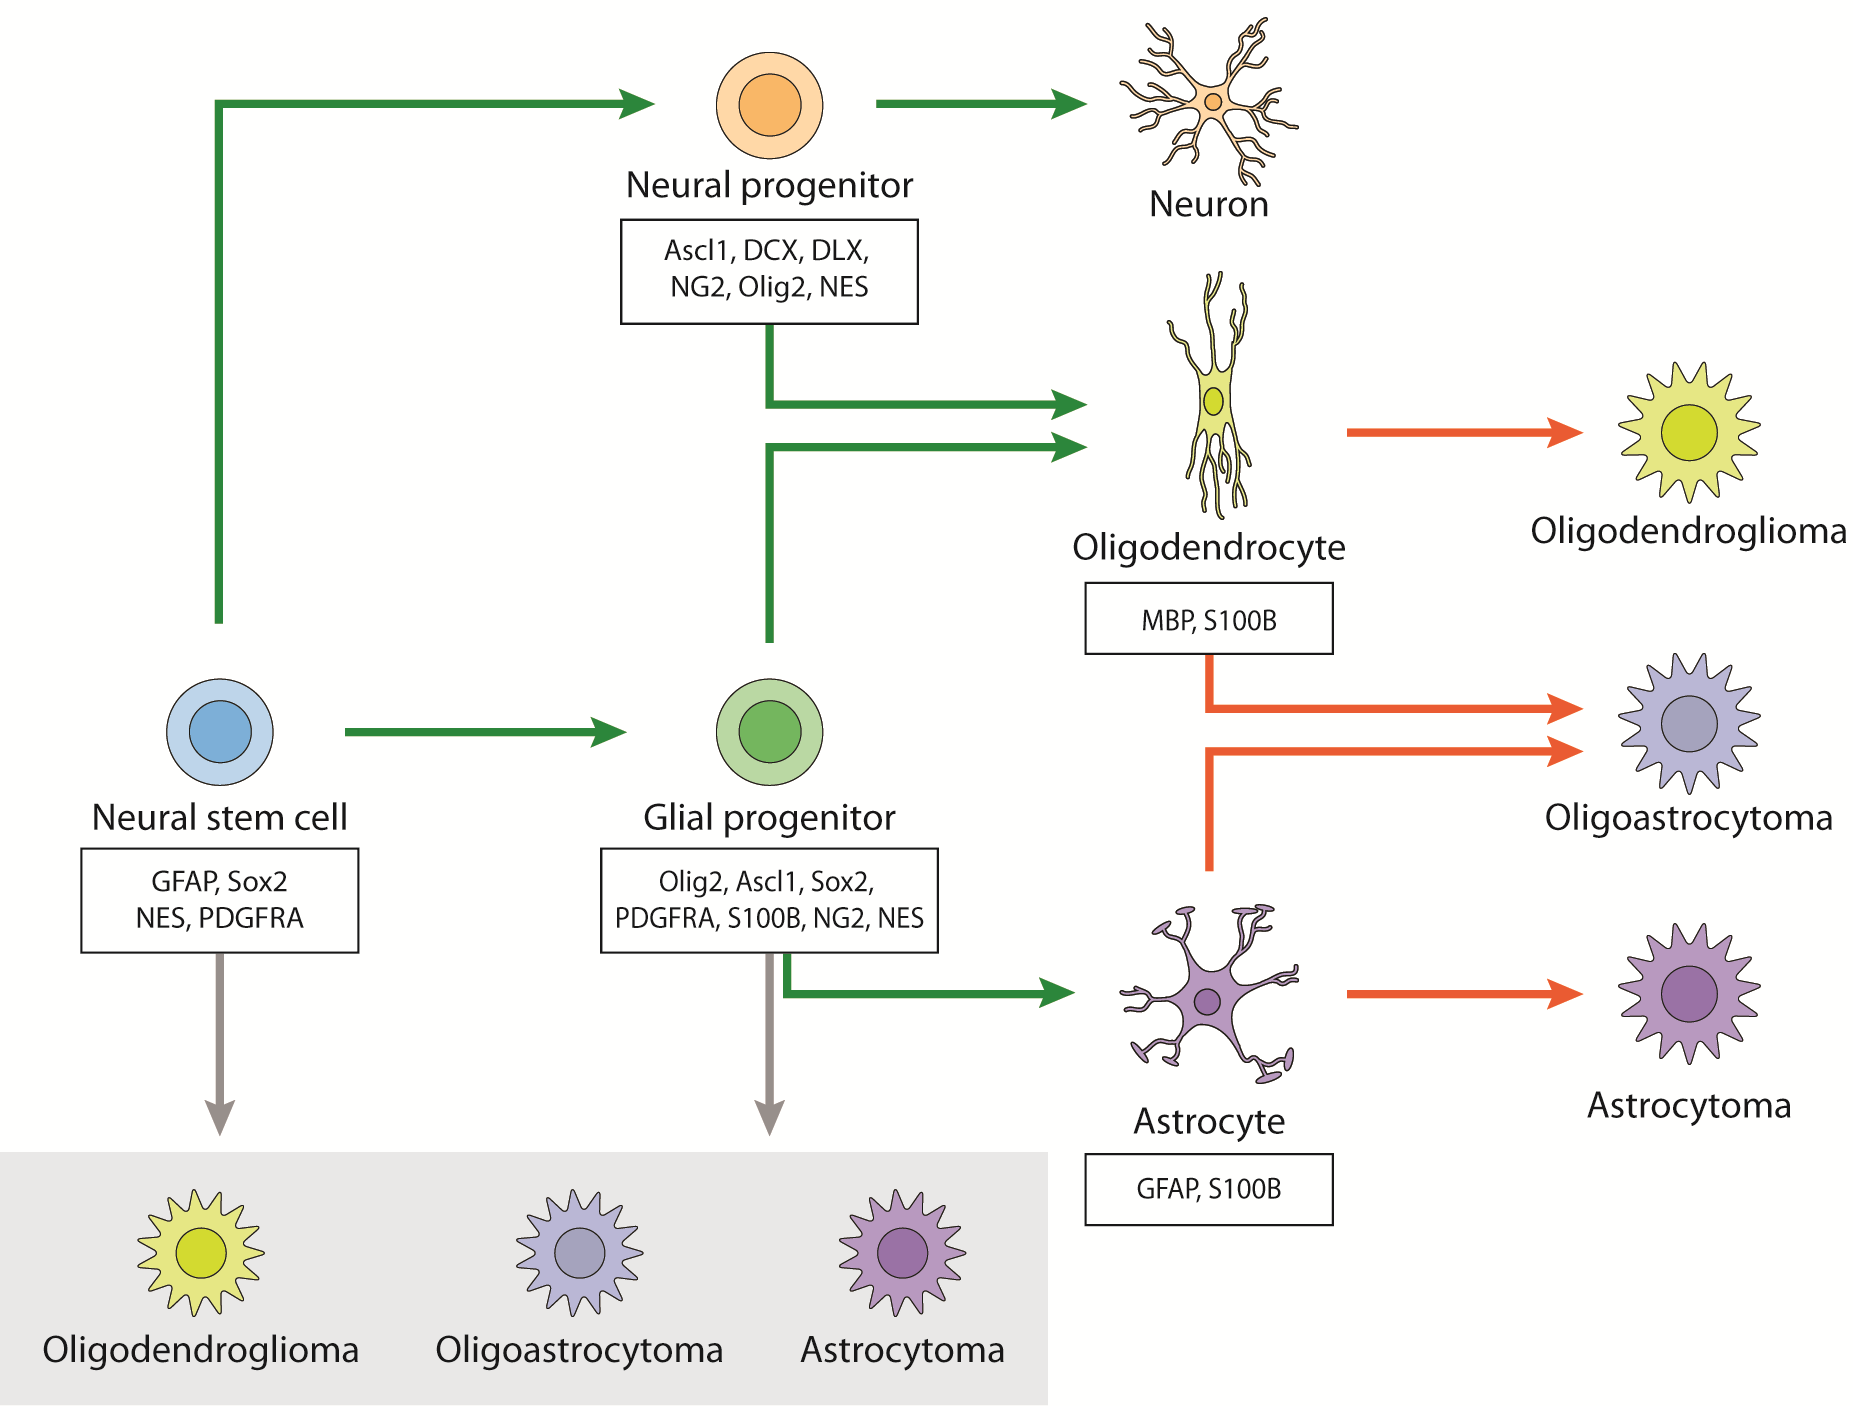 Mechanisms of Aggressiveness in Glioblastoma: Prognostic and